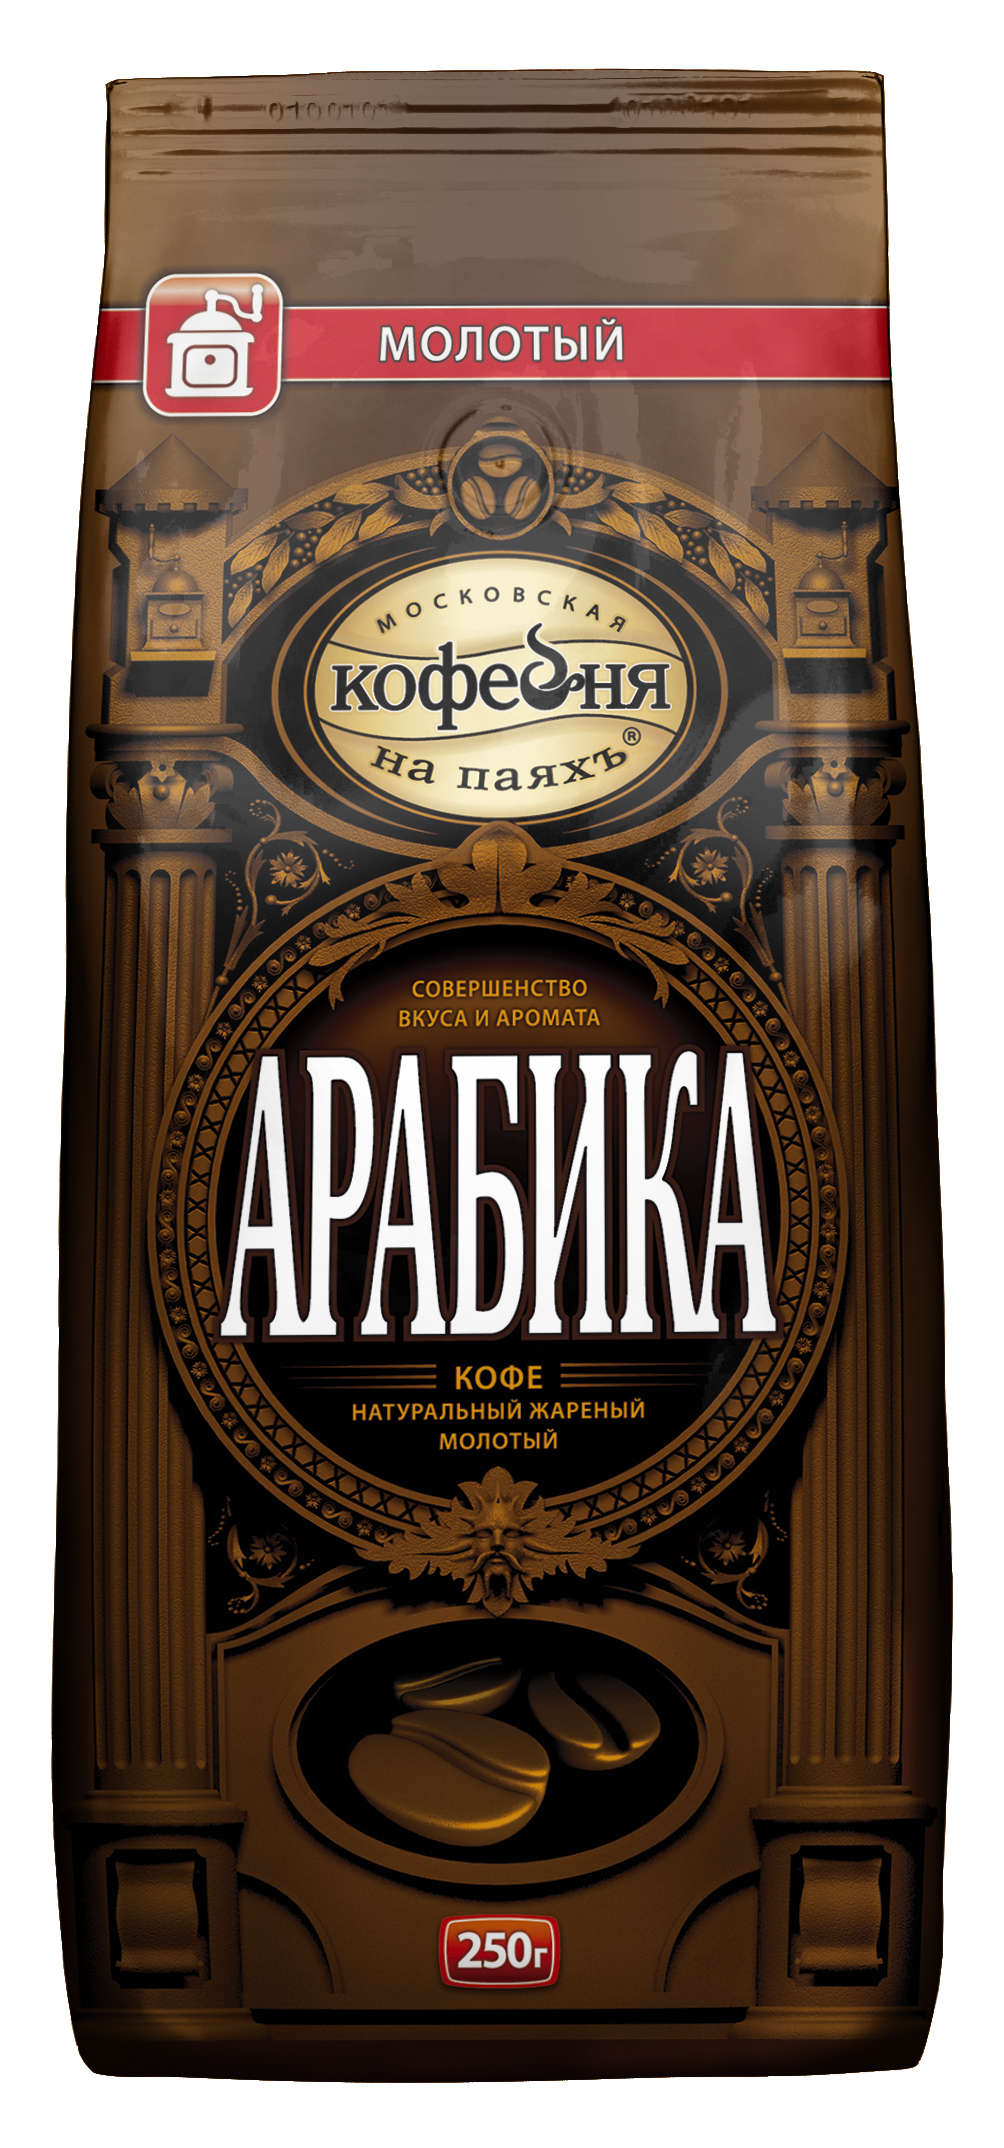 купить Московская кофейня на паяхъ Арабика кофе молотый, 250 г недорого